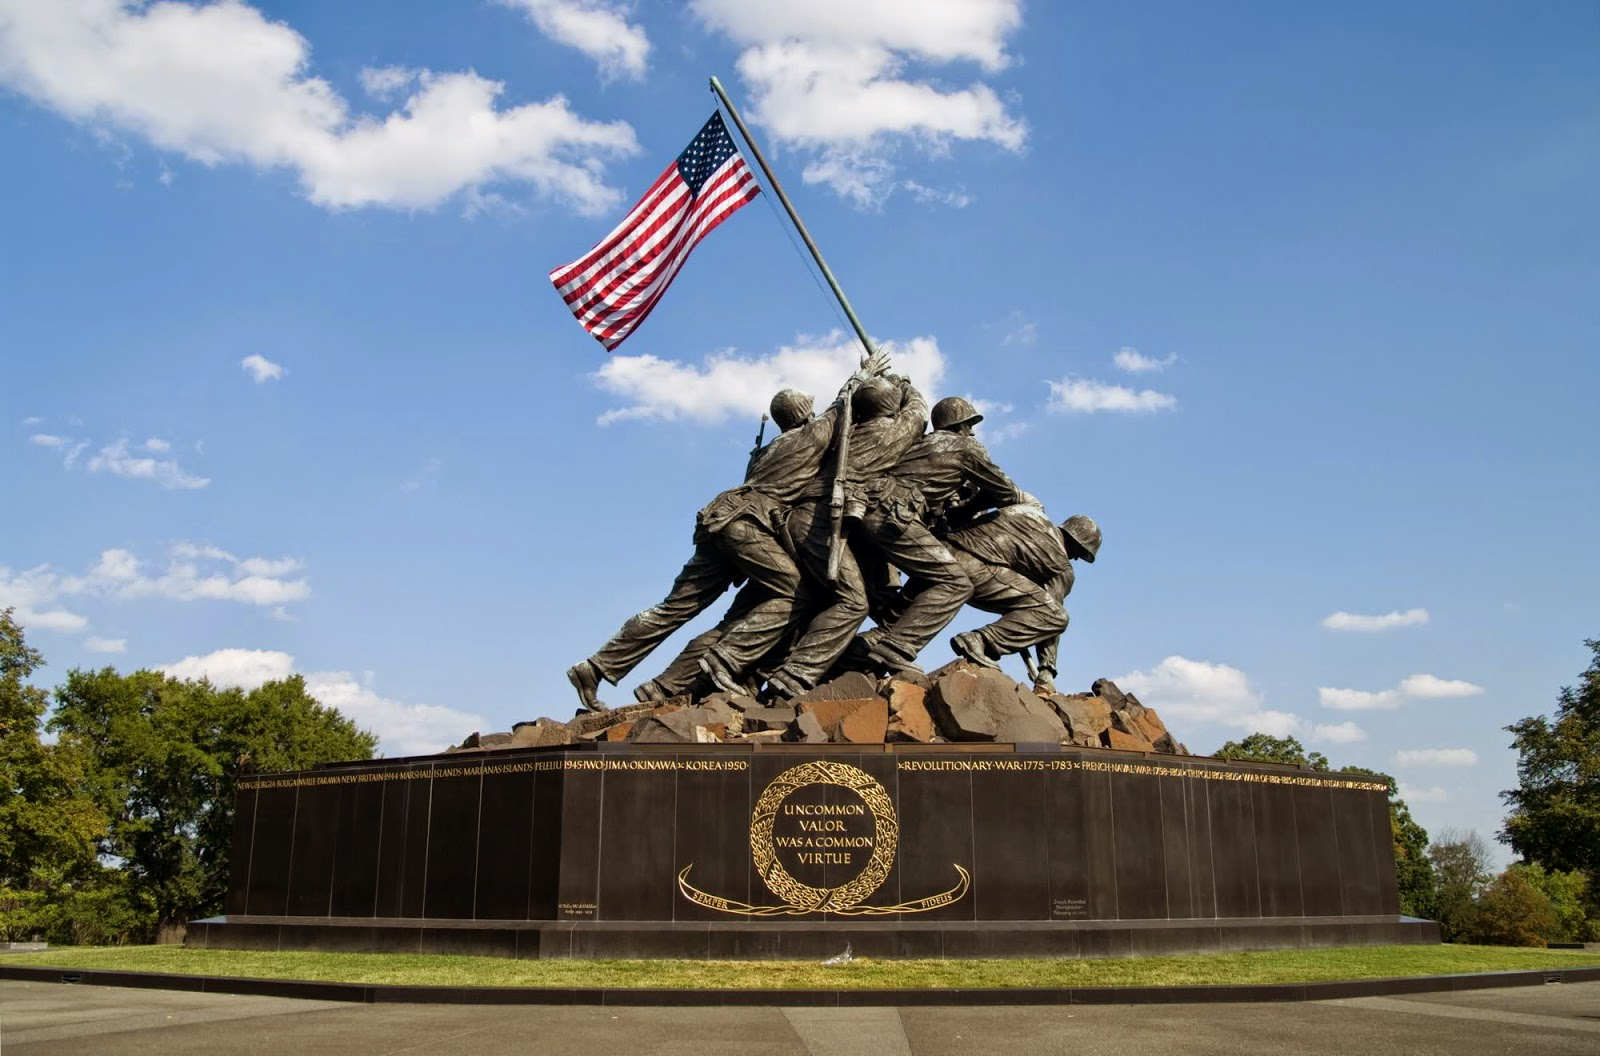 Roscoe Reports: 1945 US Marines raise flag on Iwo Jima